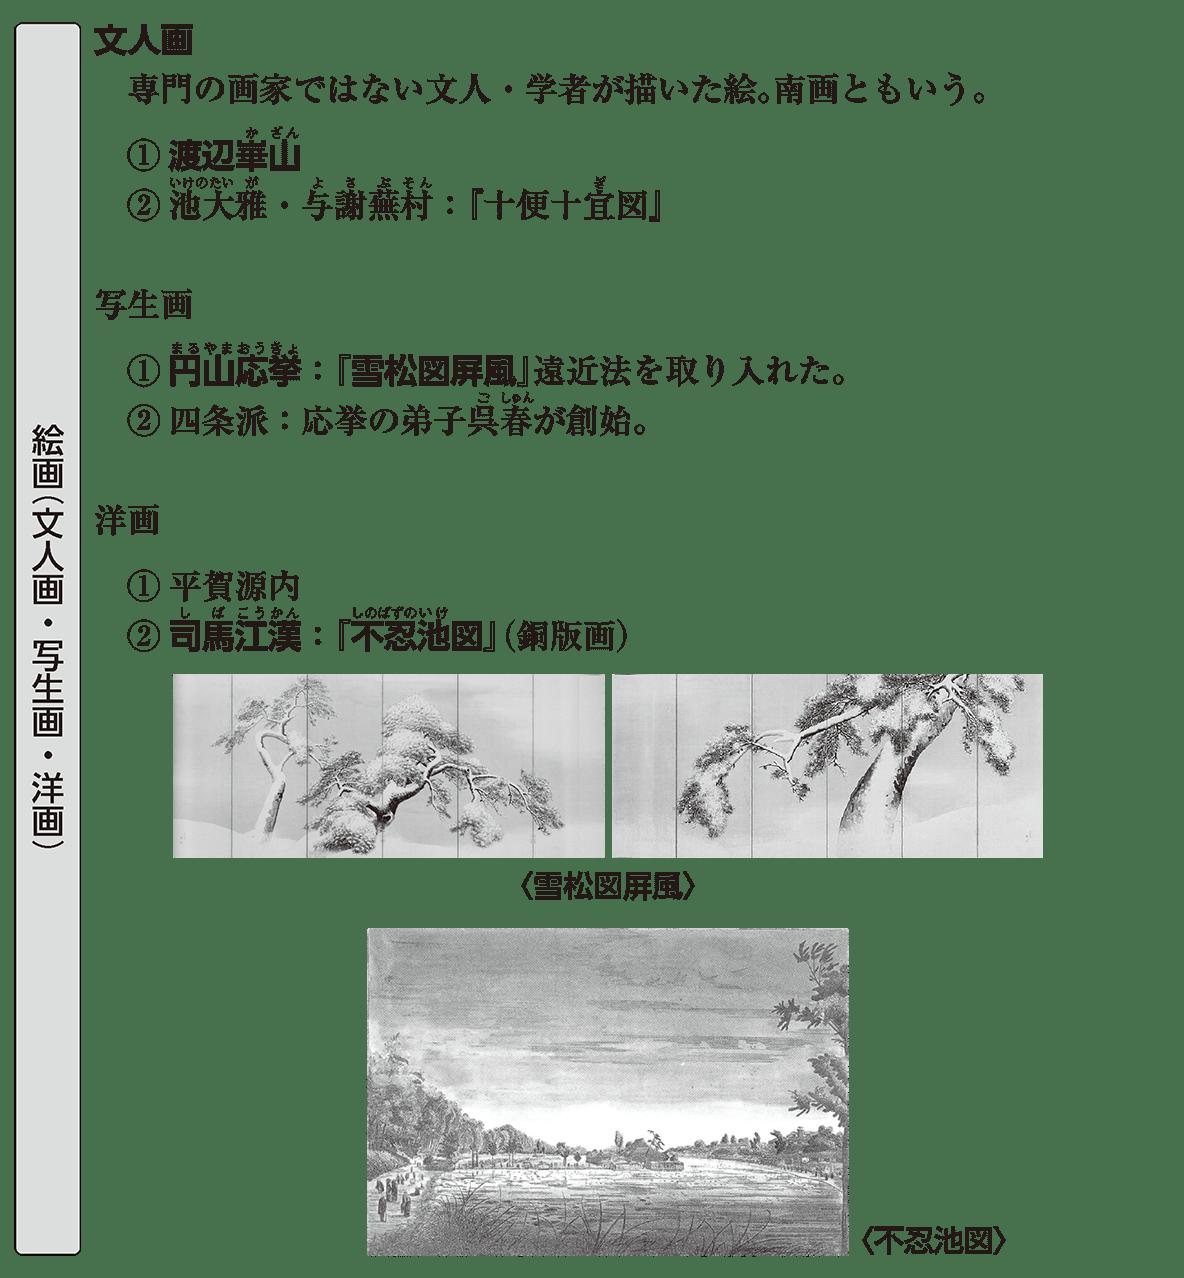 近世の文化14 ポイント1 絵画(文人画・写生画・洋画)